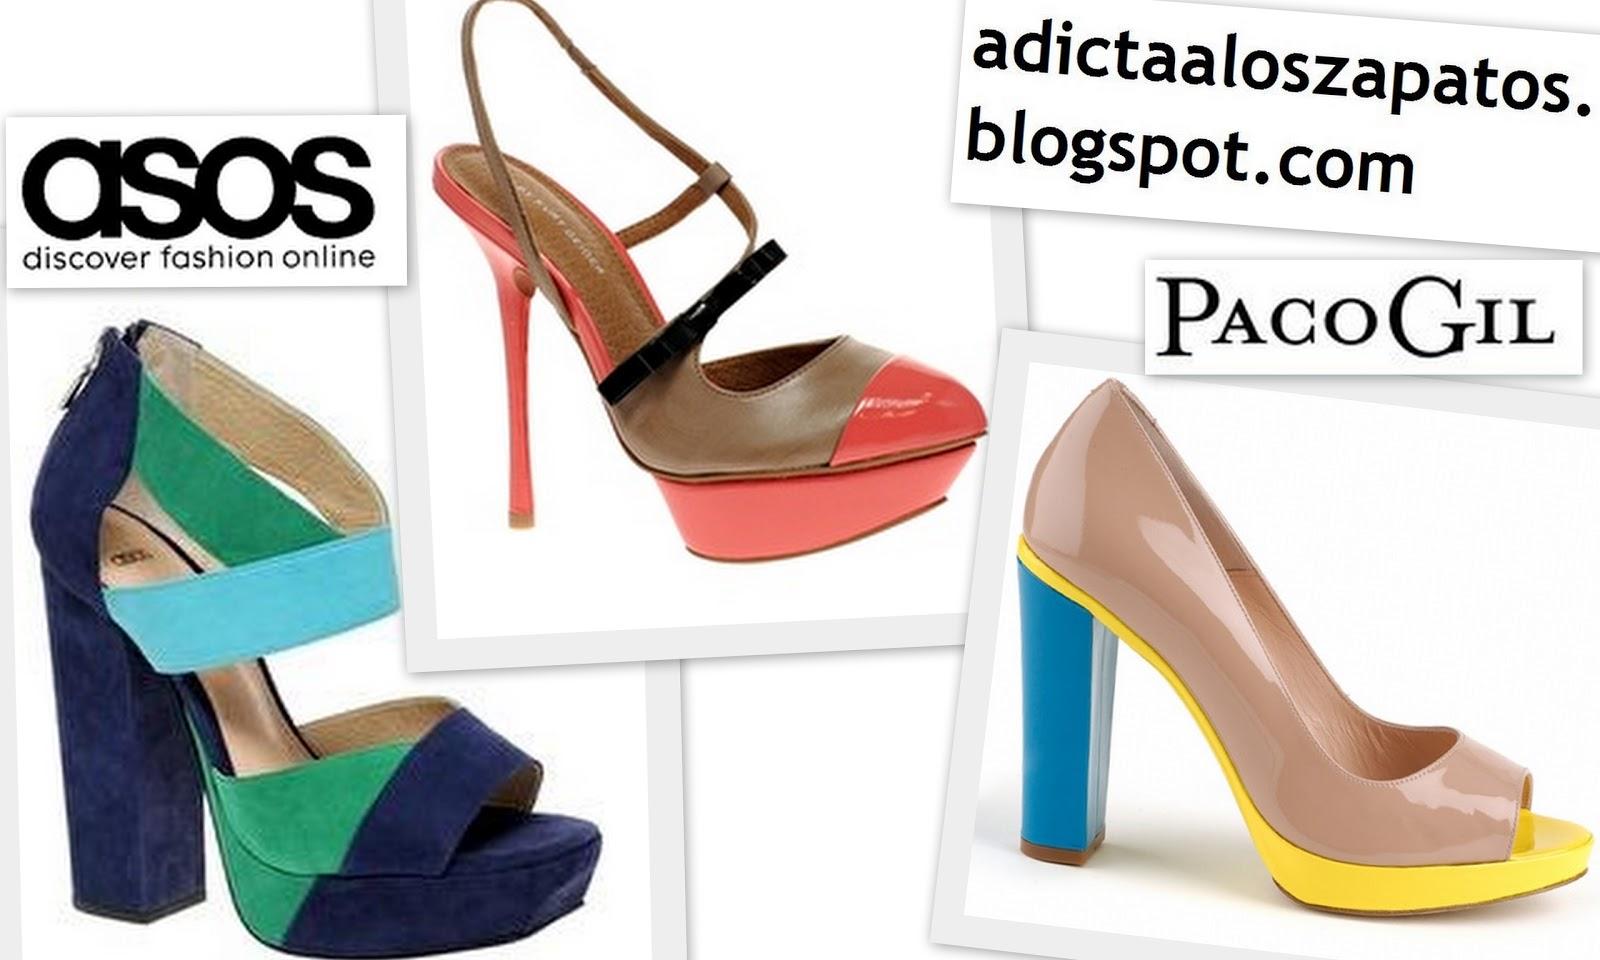 b8ae04313d3 ¡¡Vaya ganas que tengo de ver esas sandalias de colorines de Zara!!  Preciosos esos zapatos de asos